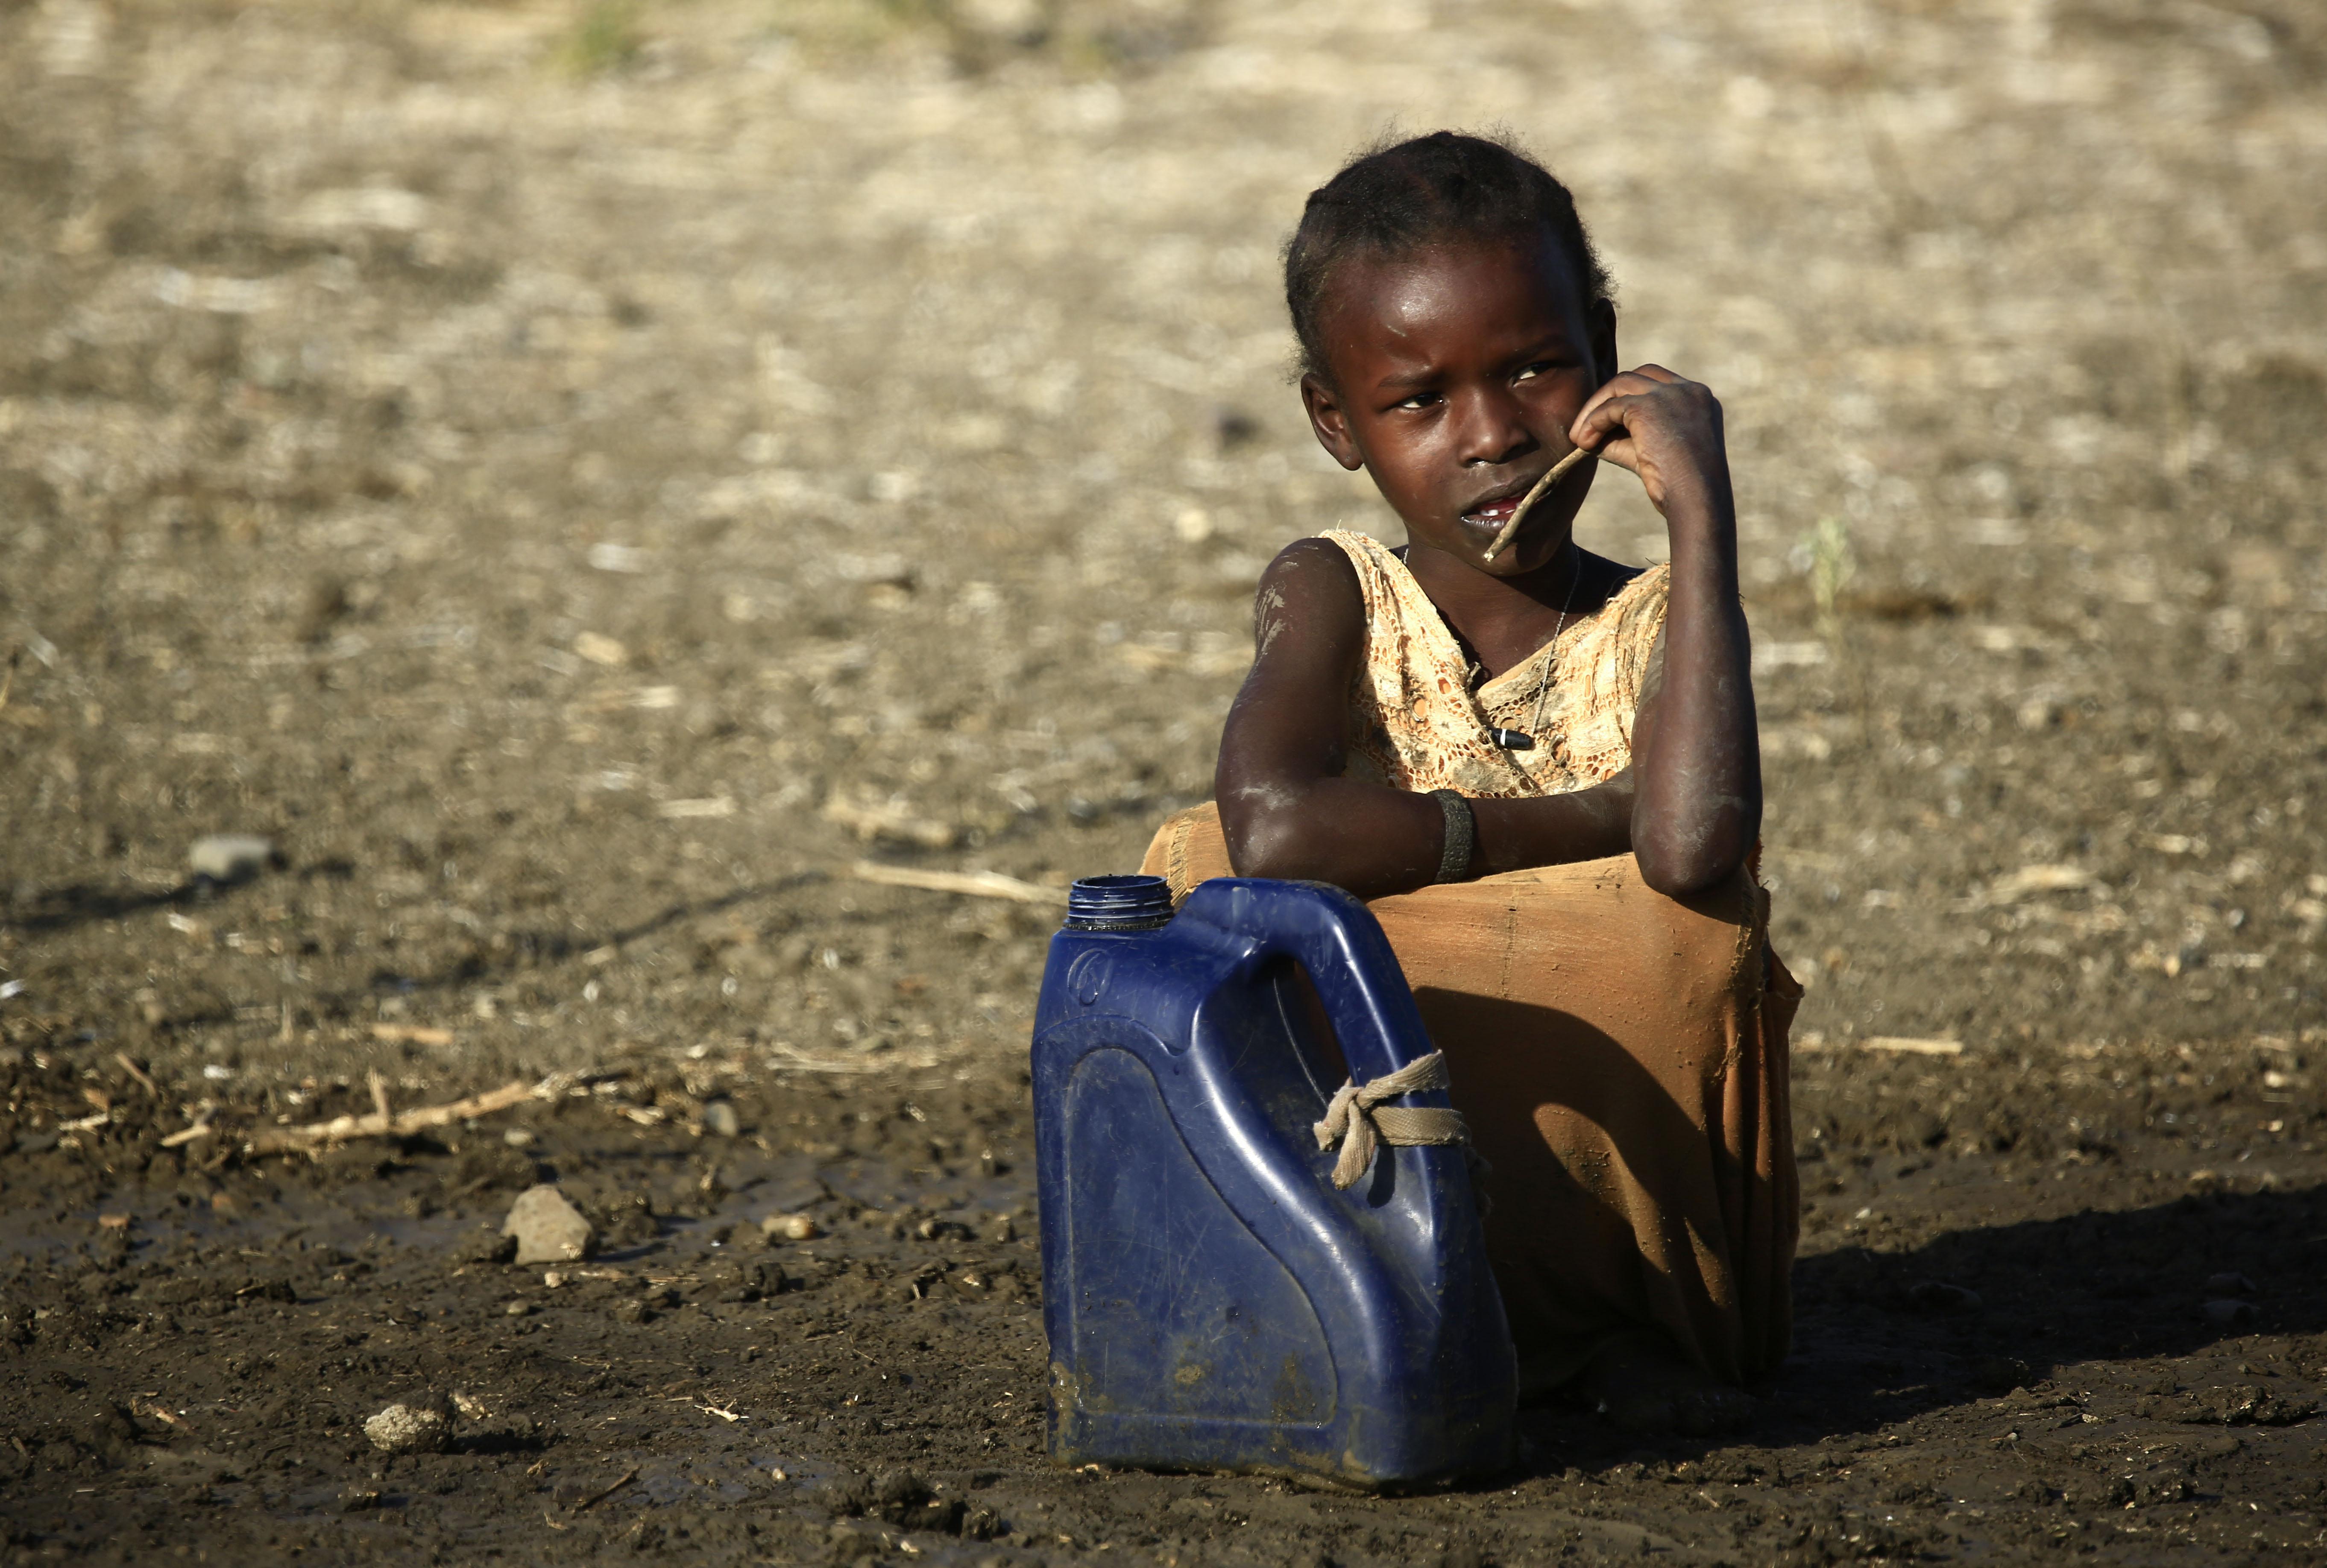 Százezrek menekülhetnek Etiópiából Szudánba, embertelen viszonyok várják őket